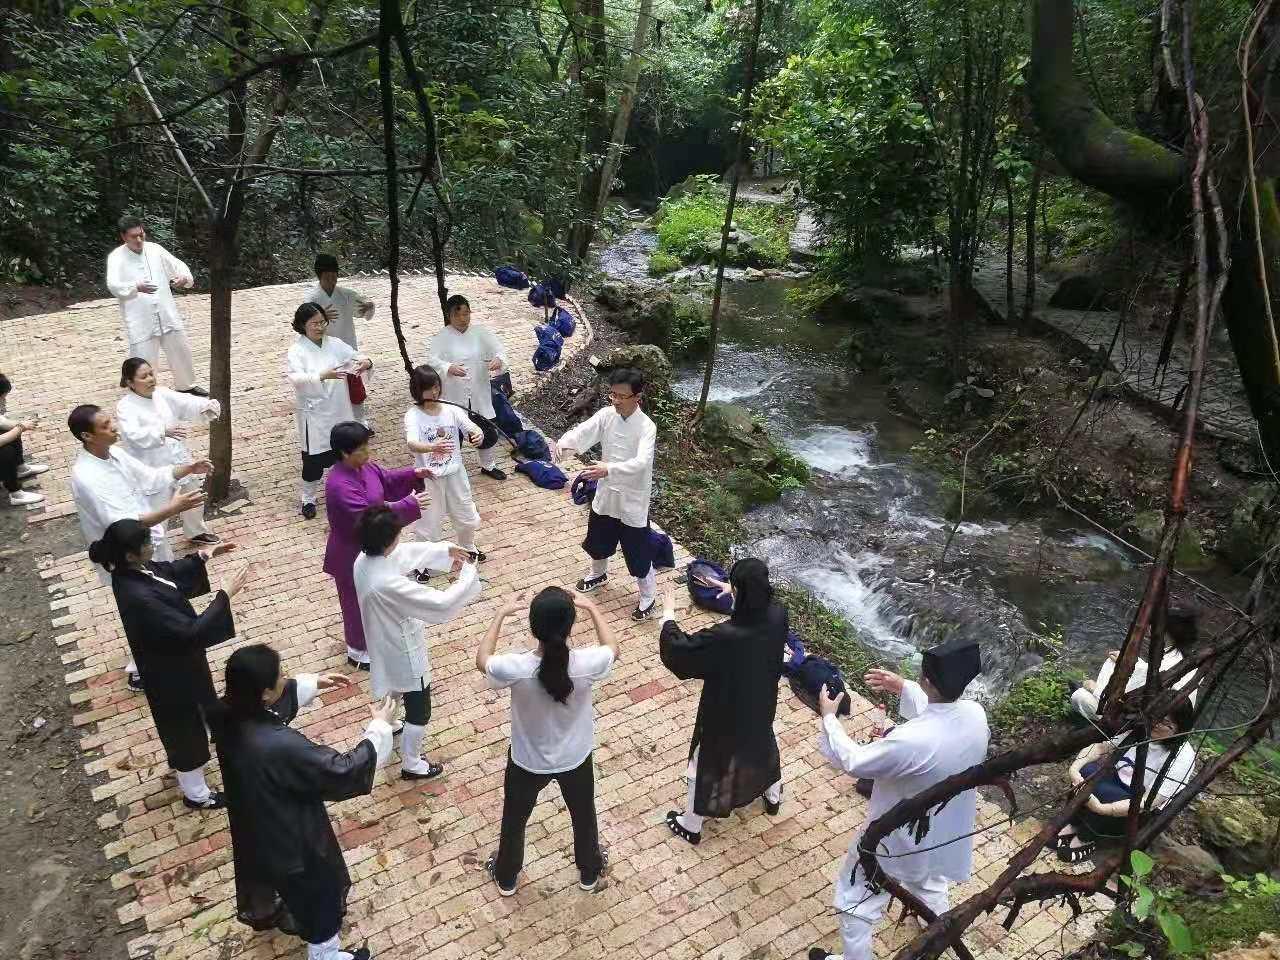 【道法自然】龙虎山轻辟谷休闲养生之旅三日游